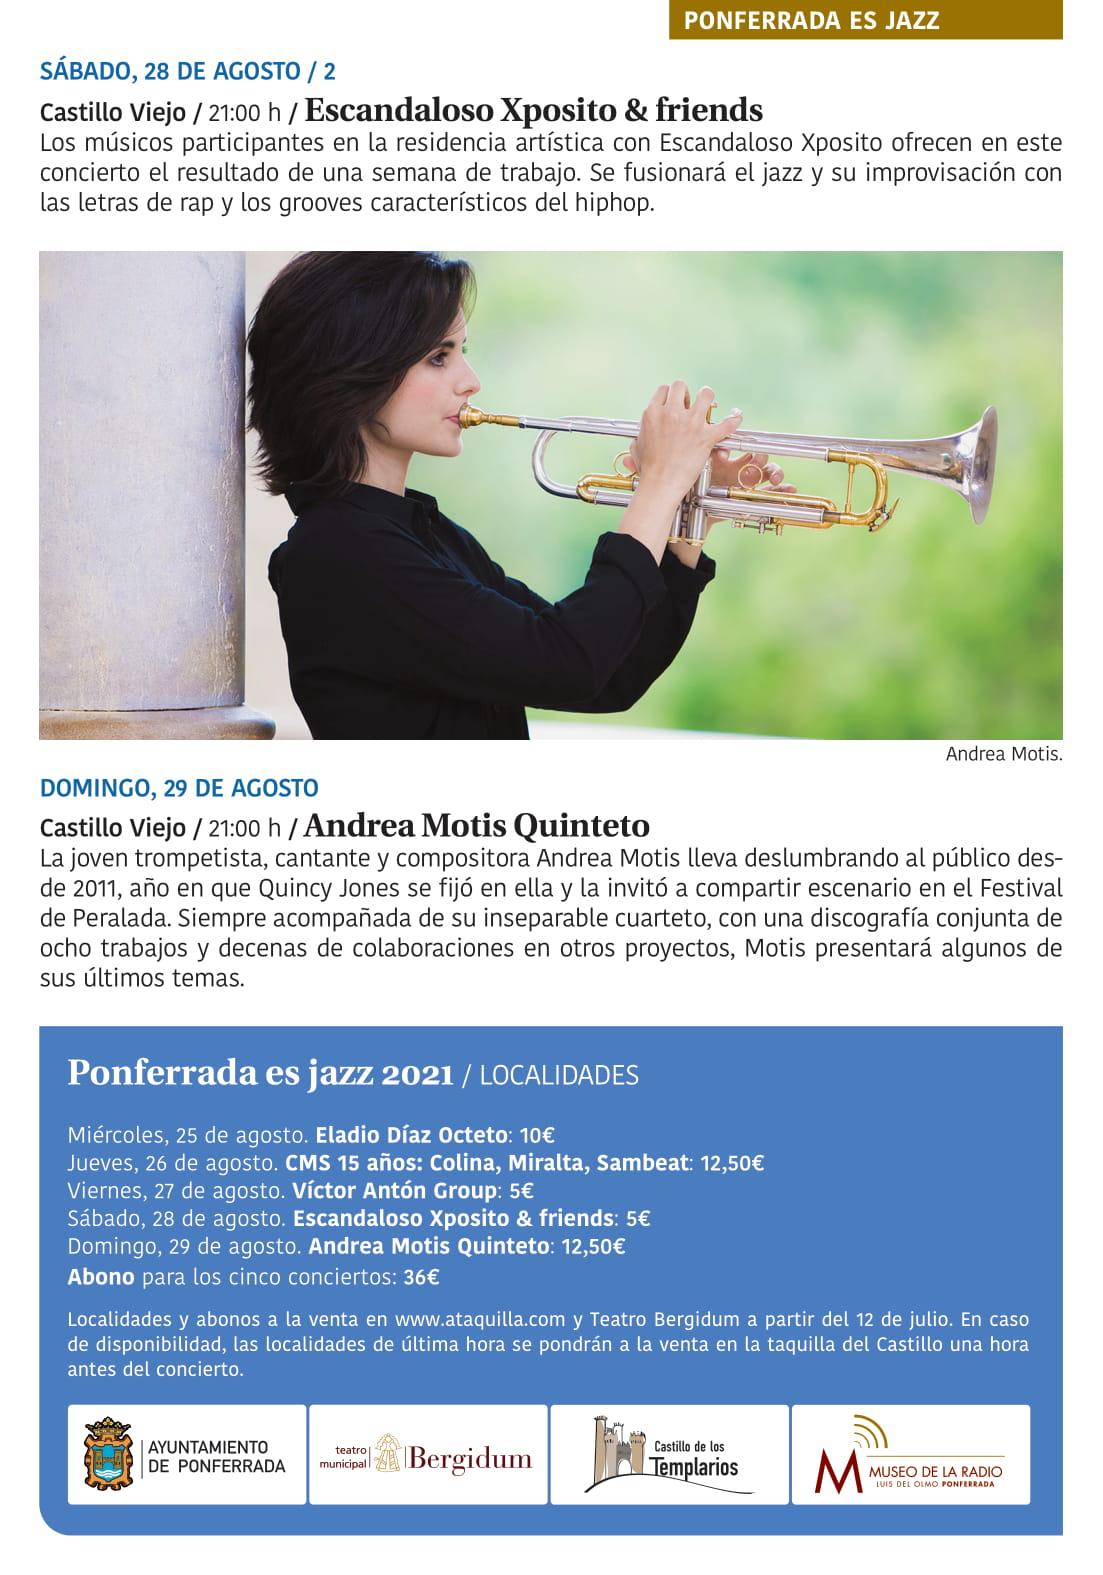 Ponferrada será... música, cultura, monumentos, turismo y más durante el verano de 2021 27